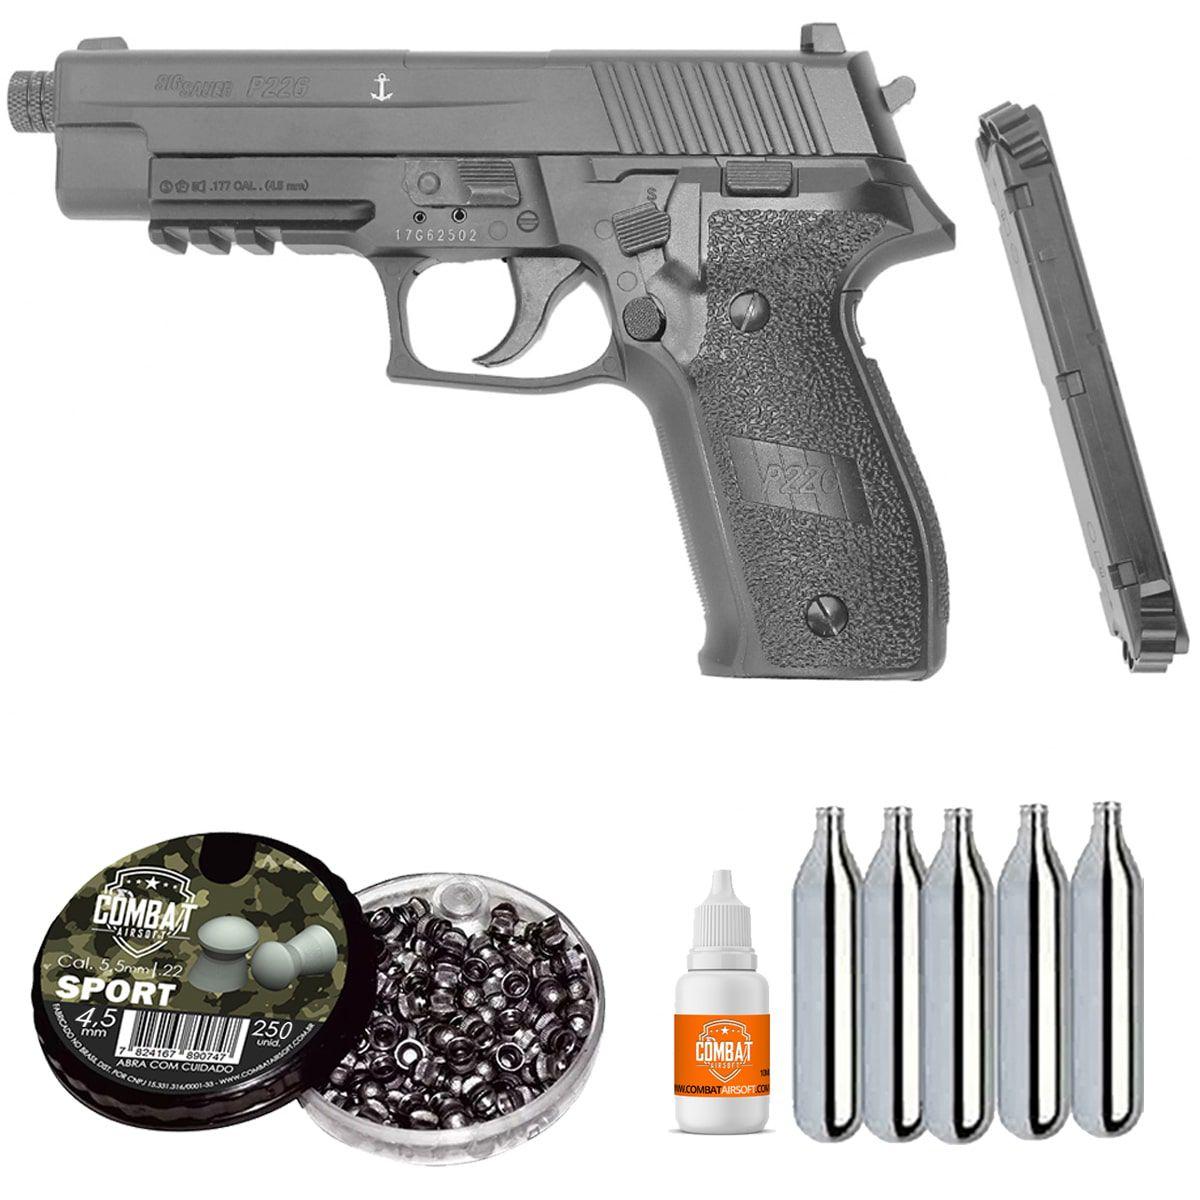 Pistola Pressão Sig Sauer P226 Co2 Full Metal Chumbinho 4,5mm Blowback + Munição + Cilindros de CO2